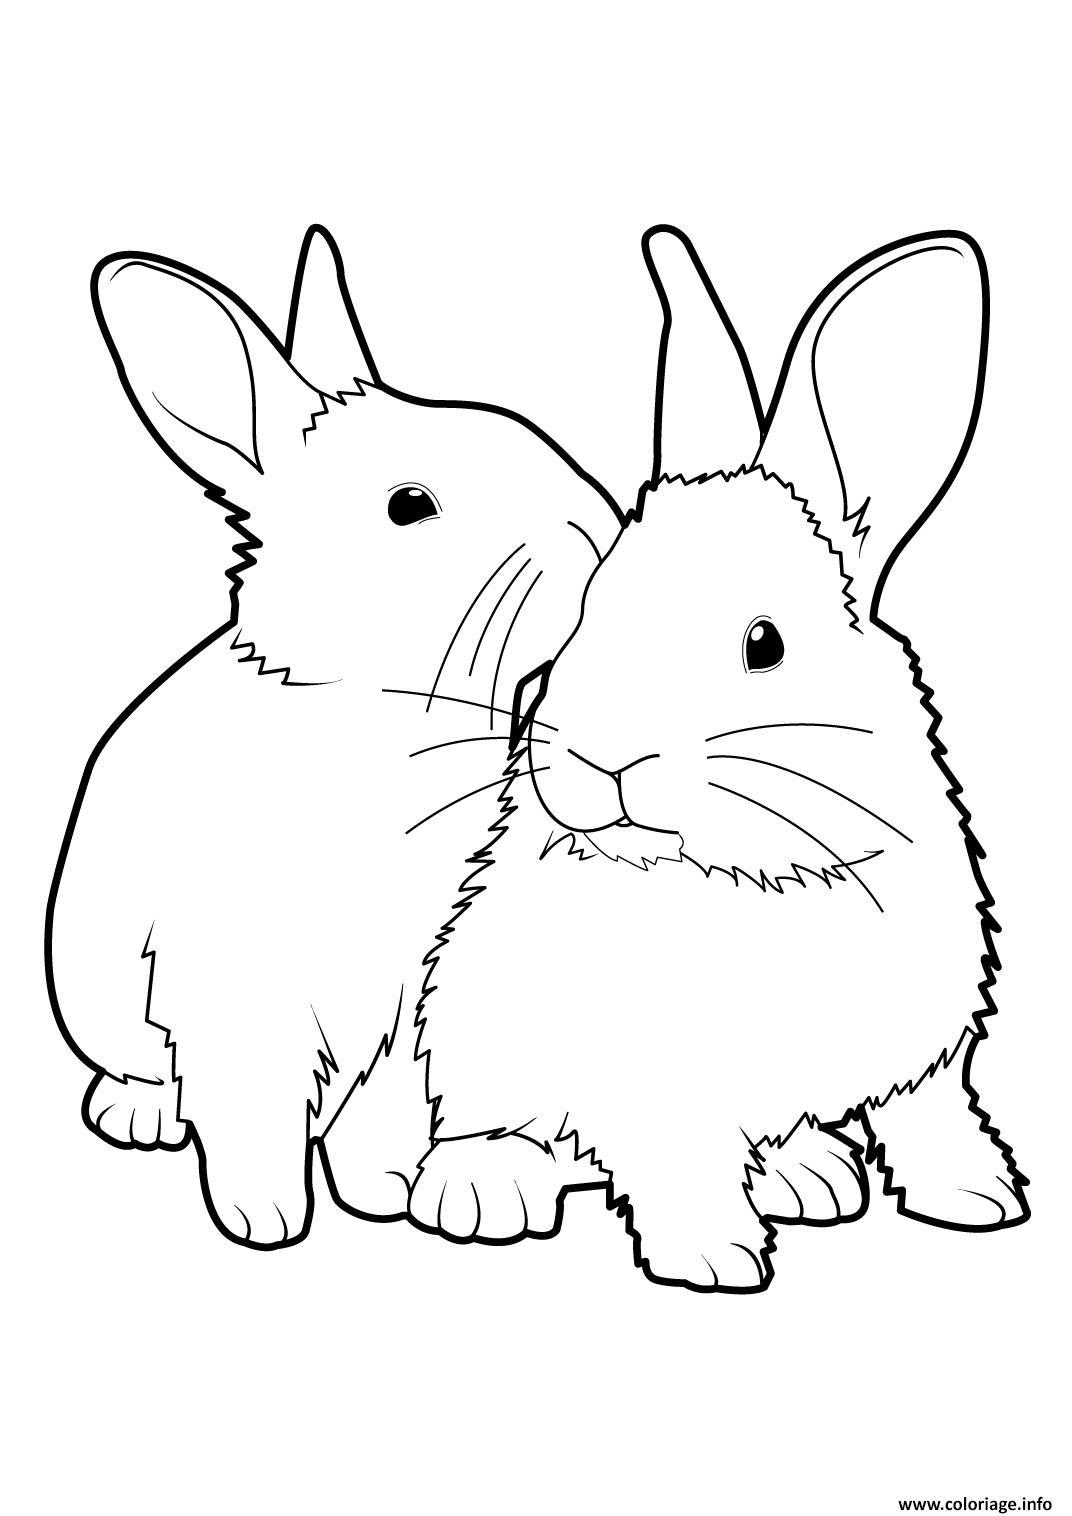 Dessin lapins ensemble realiste Coloriage Gratuit à Imprimer